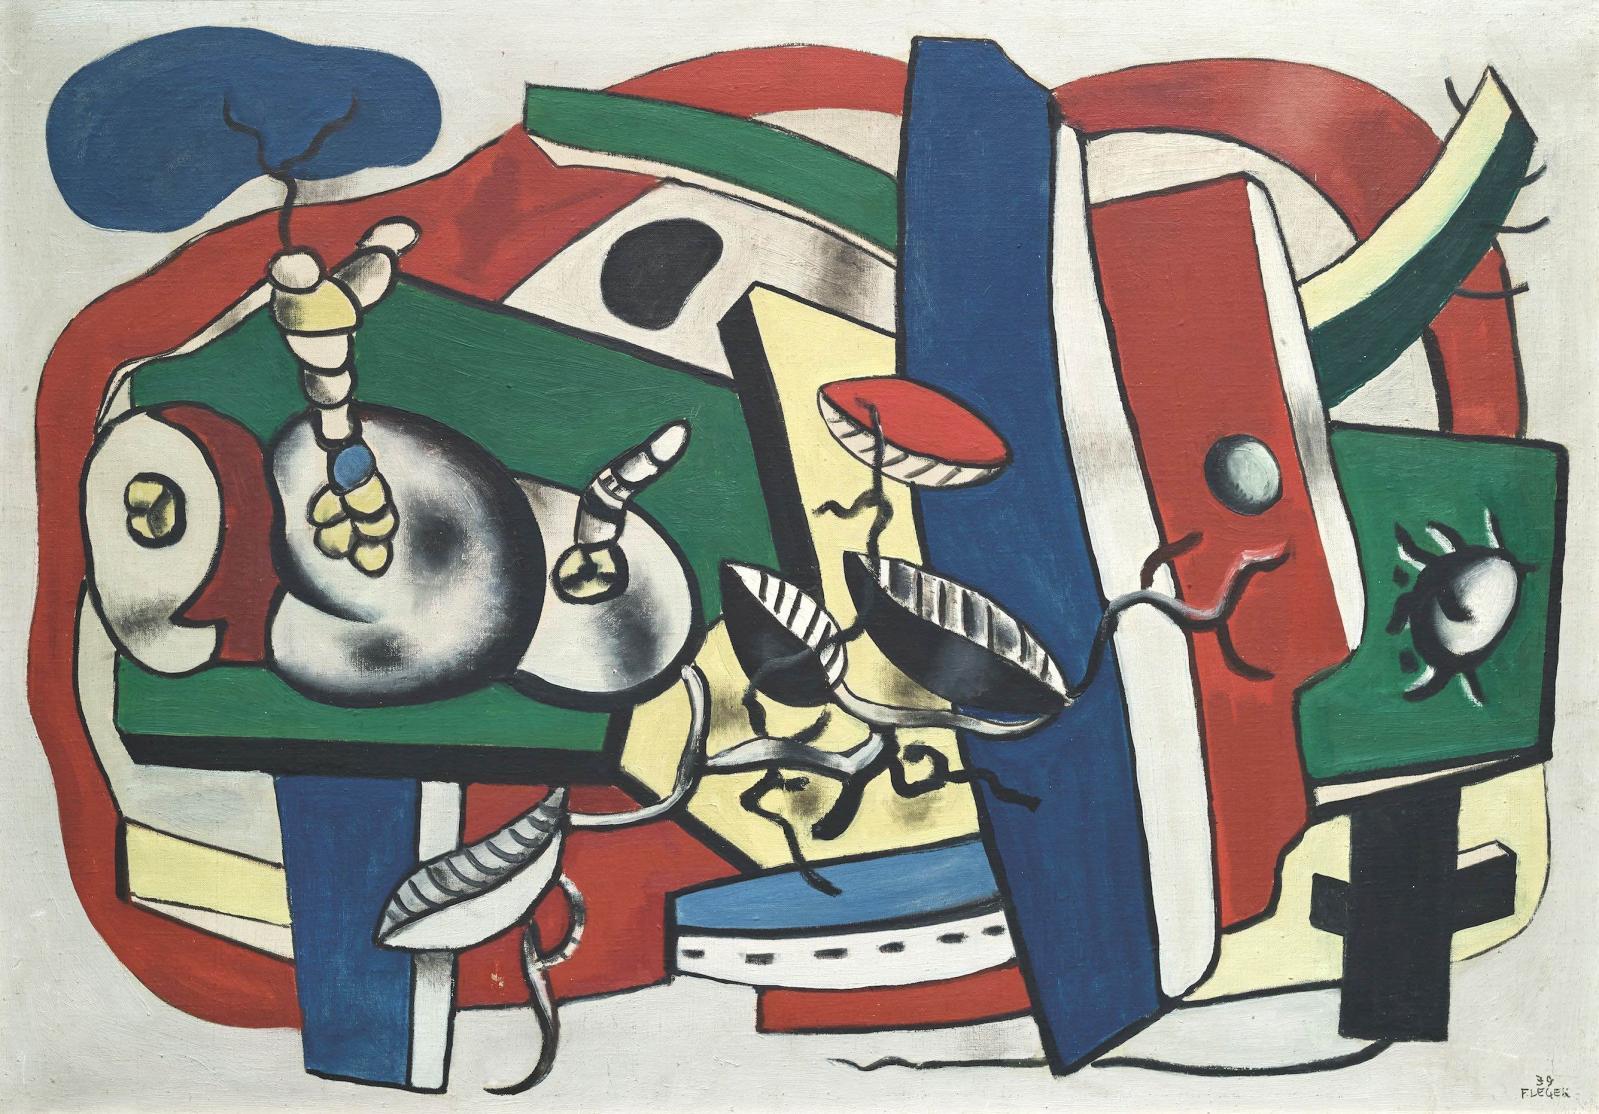 « Nature morte aux trois fruits », 1939Huile sur toileSignée F. LEGER et datée 39 en bas à droite65 x 92 cmVendue 844 800 €